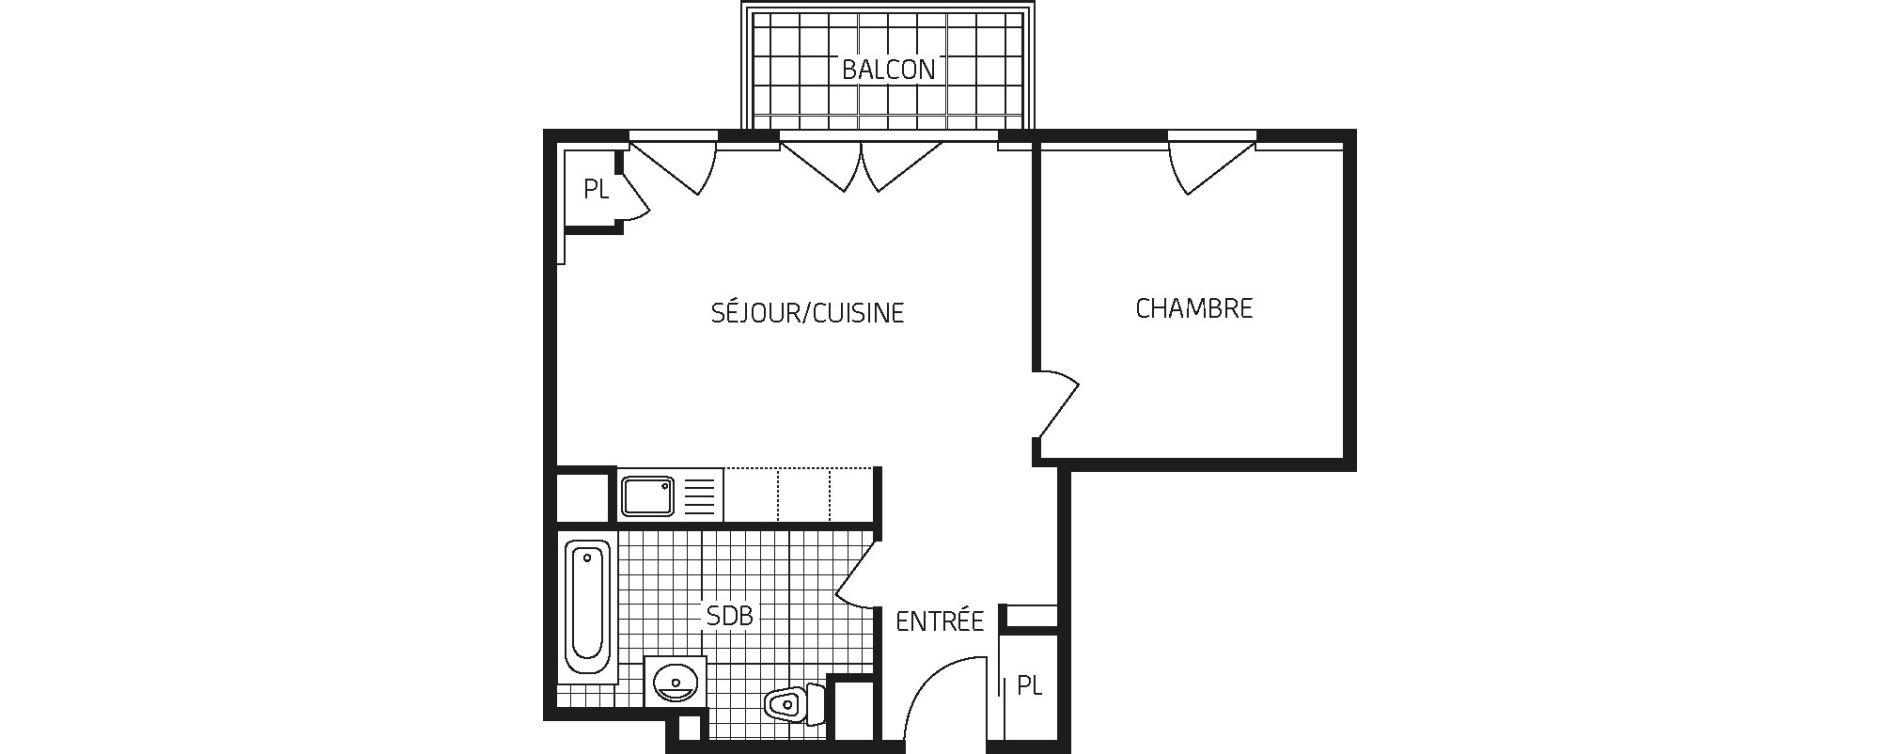 Appartement T2 de 44,92 m2 à Orléans Barrière st-marc - la fontaine